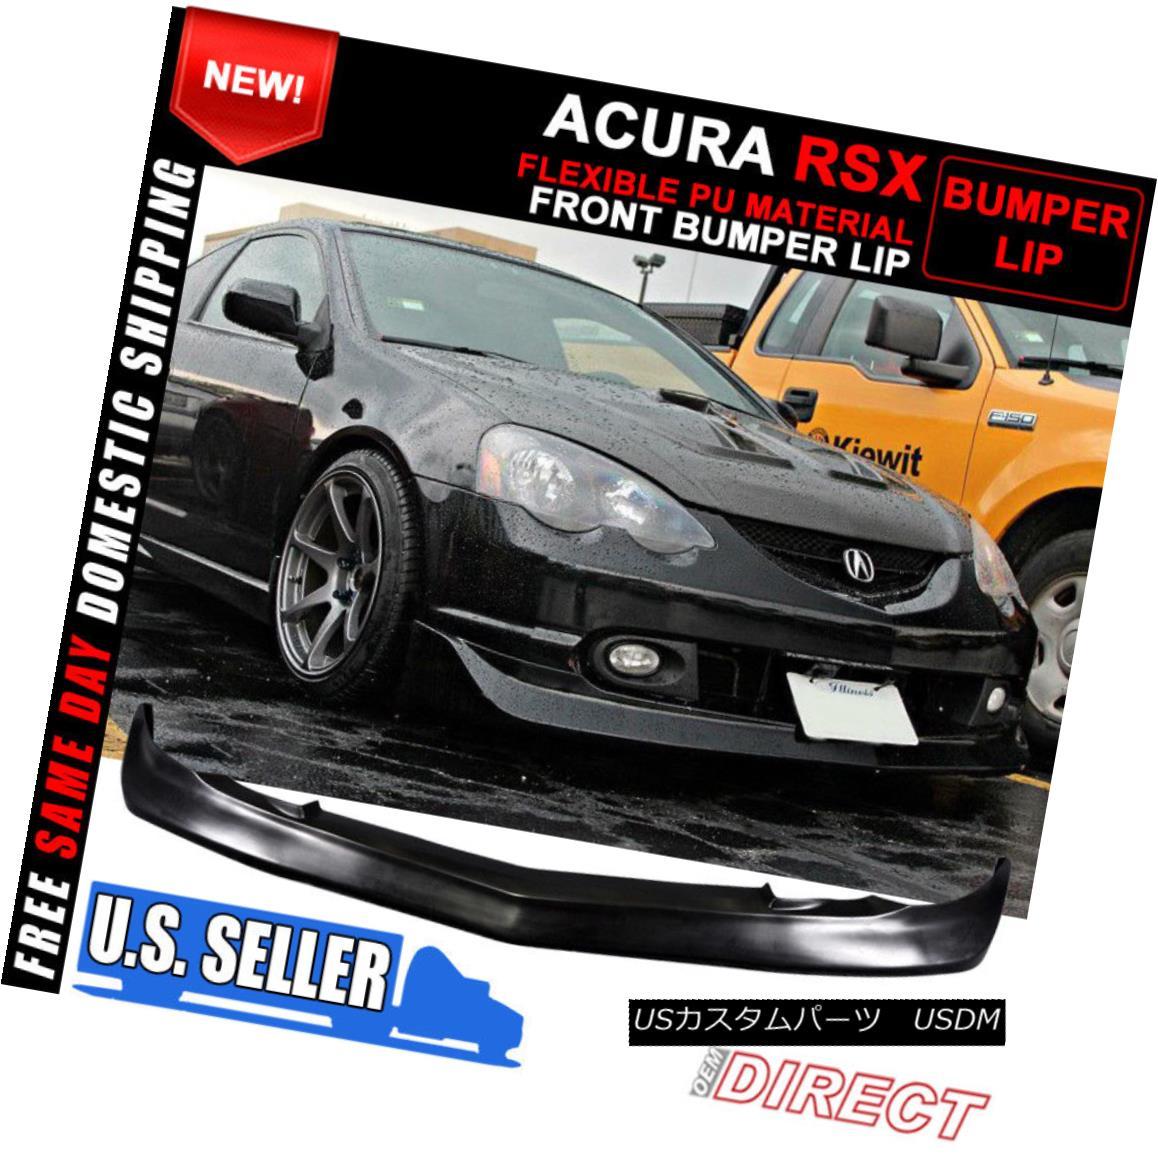 エアロパーツ For 02-04 Acura RSX Mugen Style Front & Rear Lip W/ Led Brake Light 02-04 Acura RSX Mugenスタイルフロント& リアリップW / Ledブレーキライト